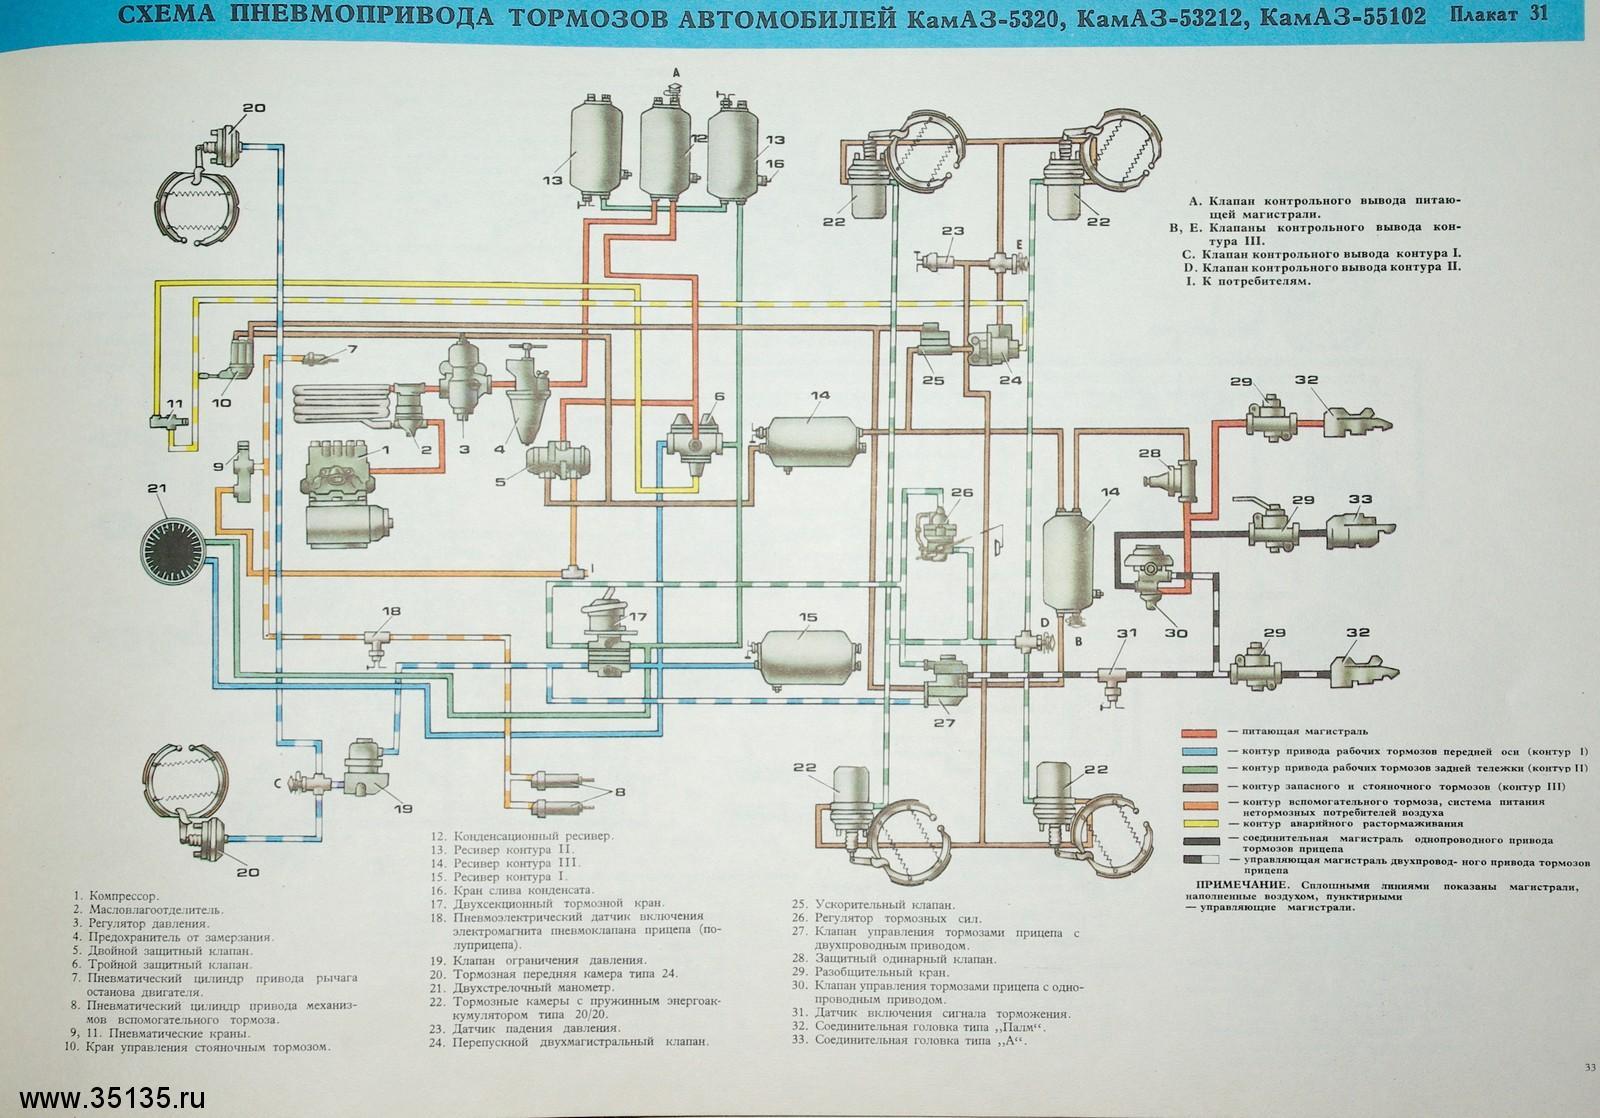 Схема энергоаккумулятора маз